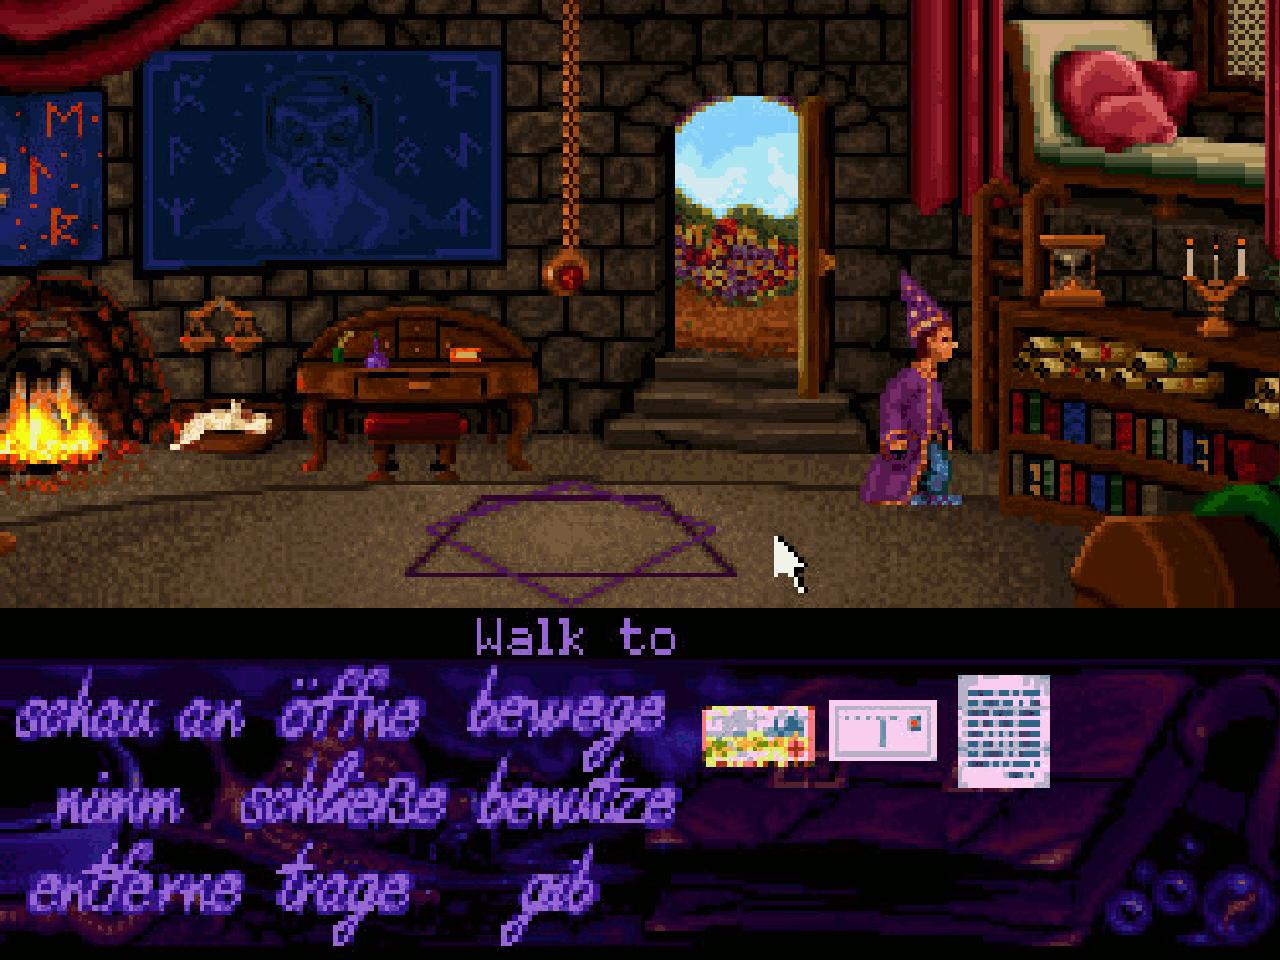 Die ersten Schritte im Abenteuerspiel Simon the Sorcerer. (Bild: Andre Eymann)